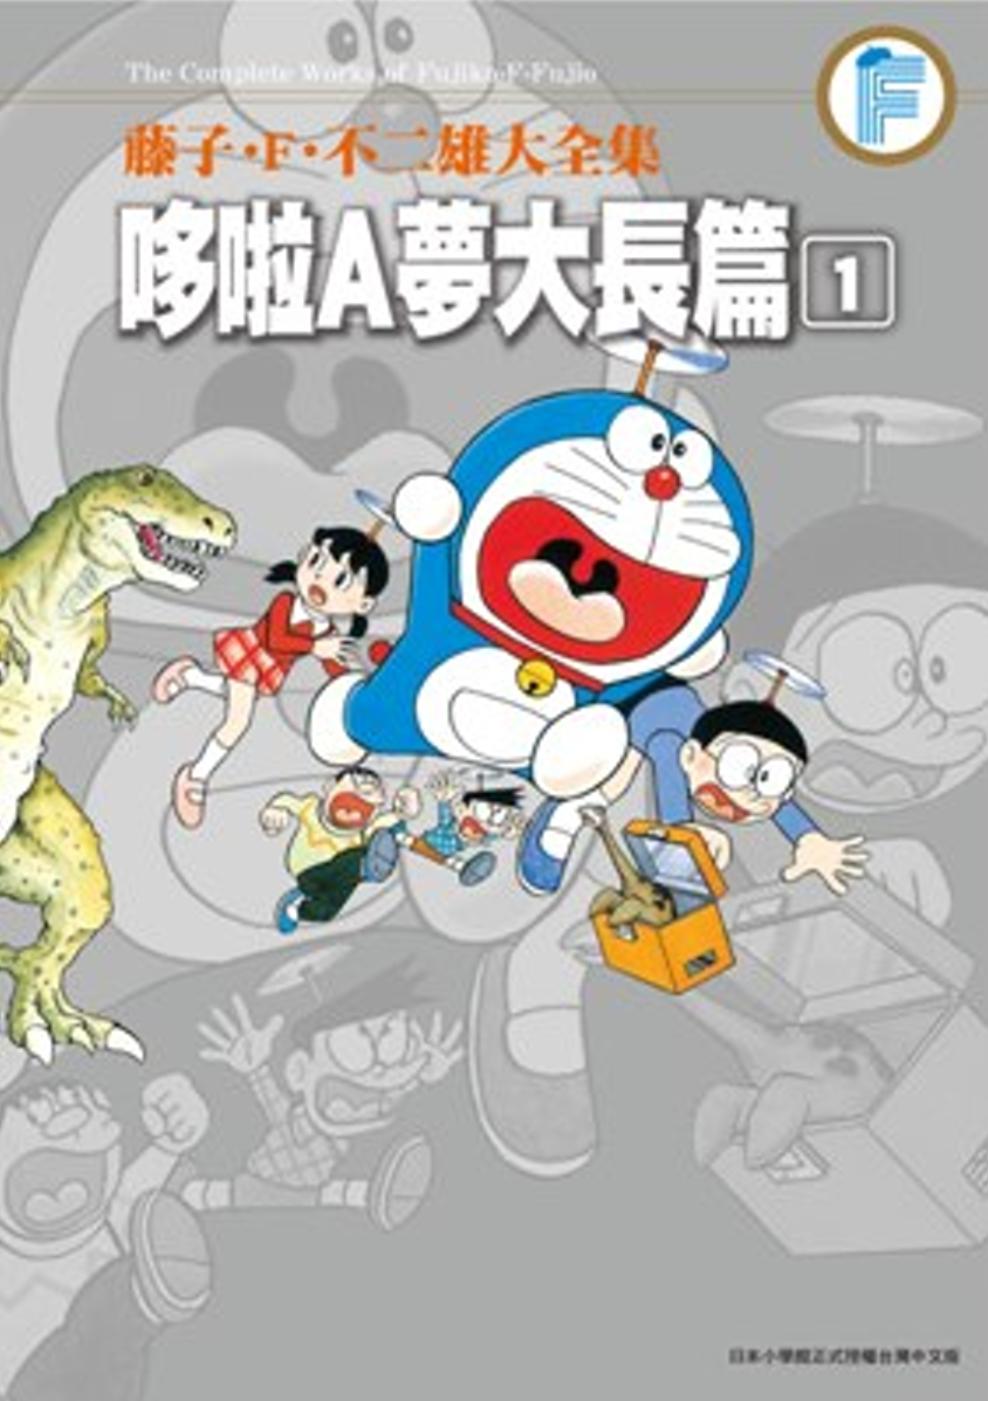 藤子‧F‧不二雄大全集 哆啦A夢大長篇(01)